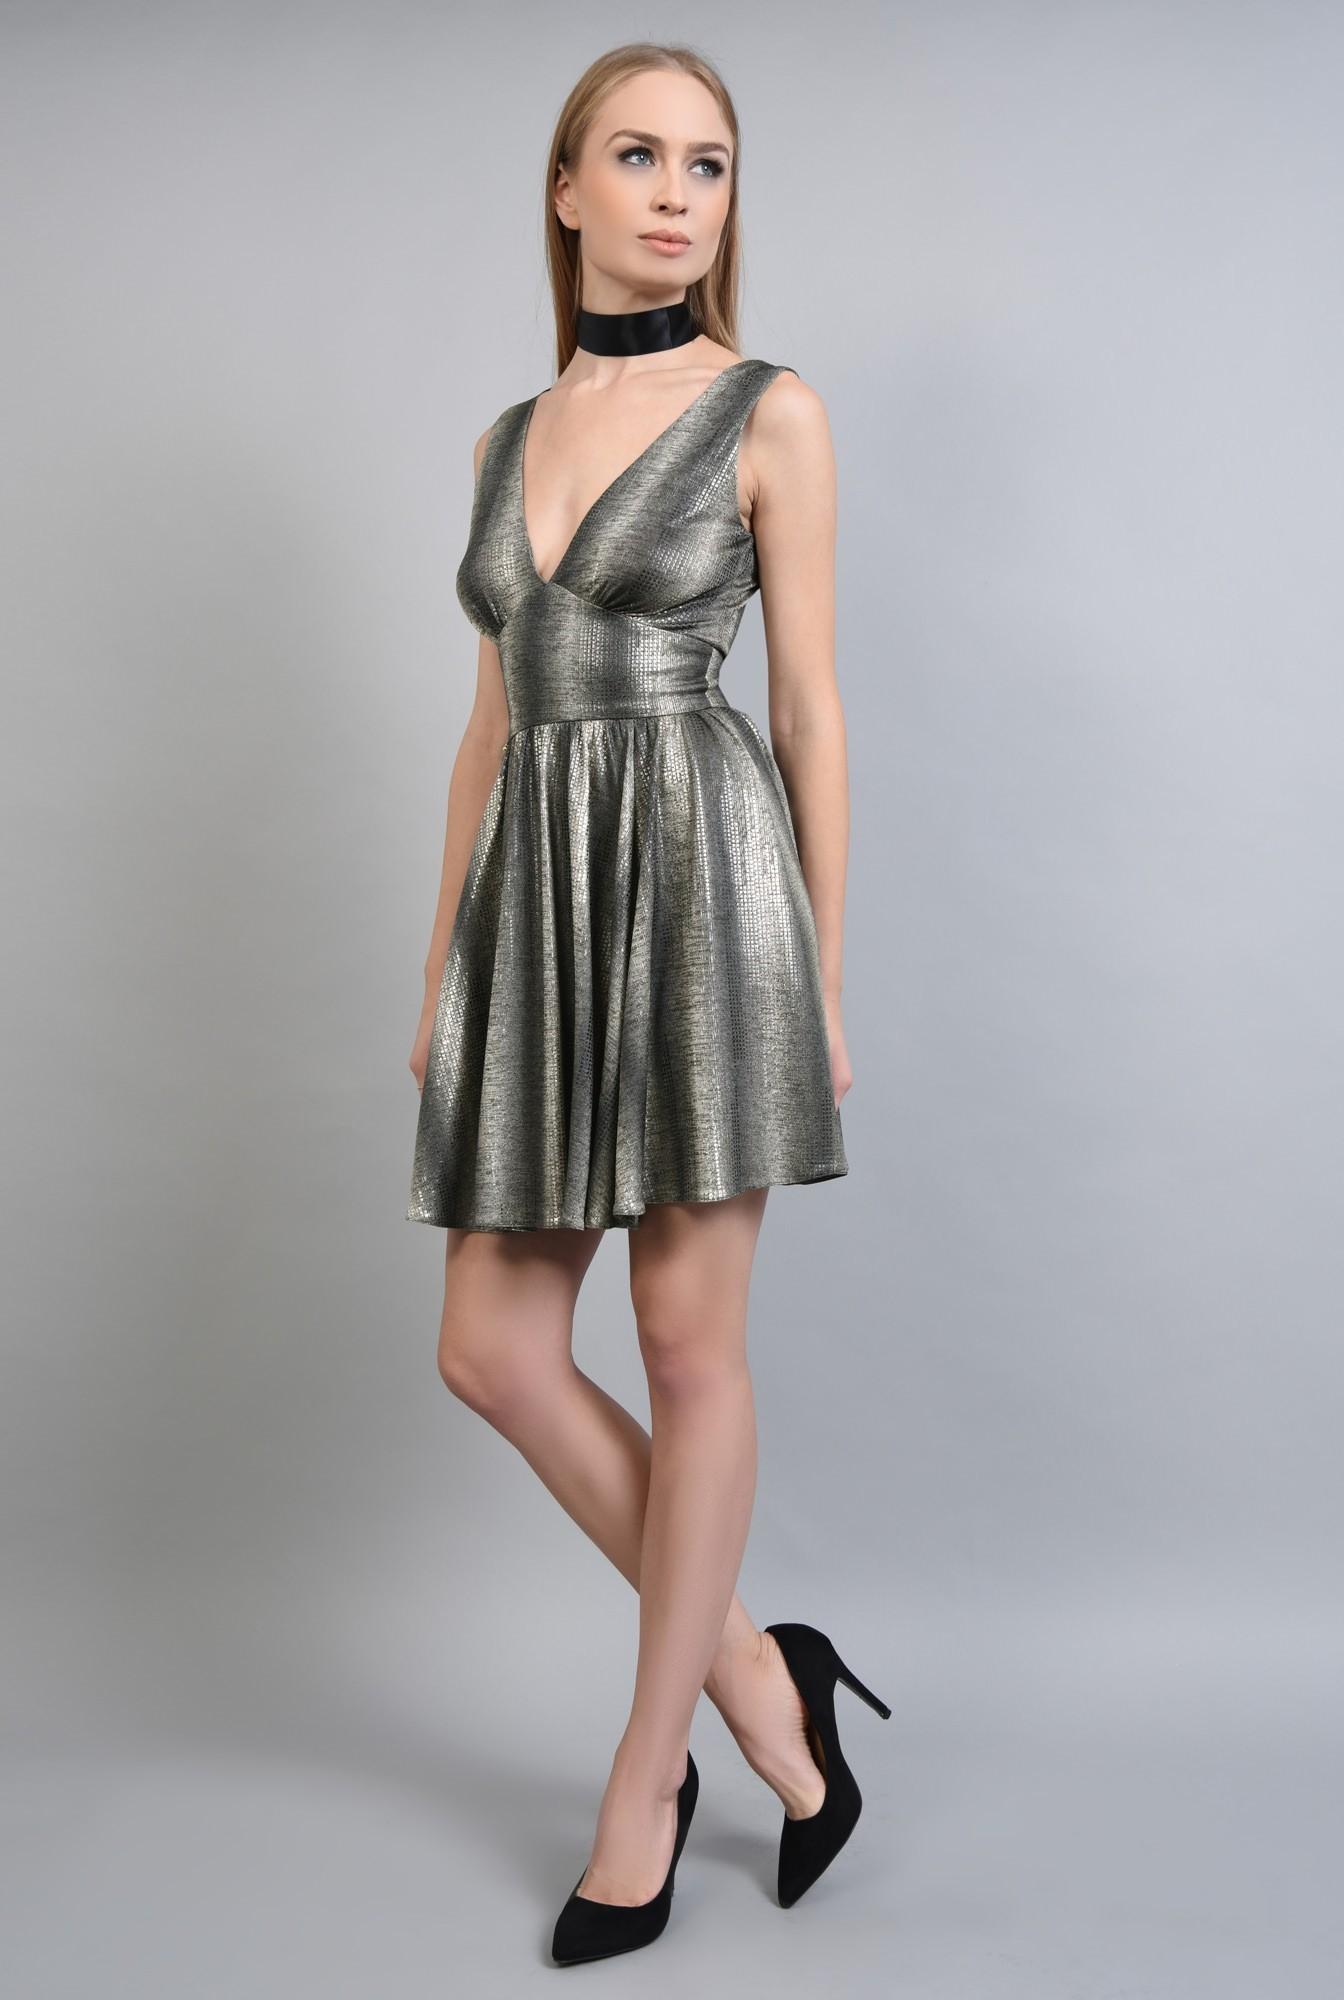 3 - Rochie eleganta scurta, auriu